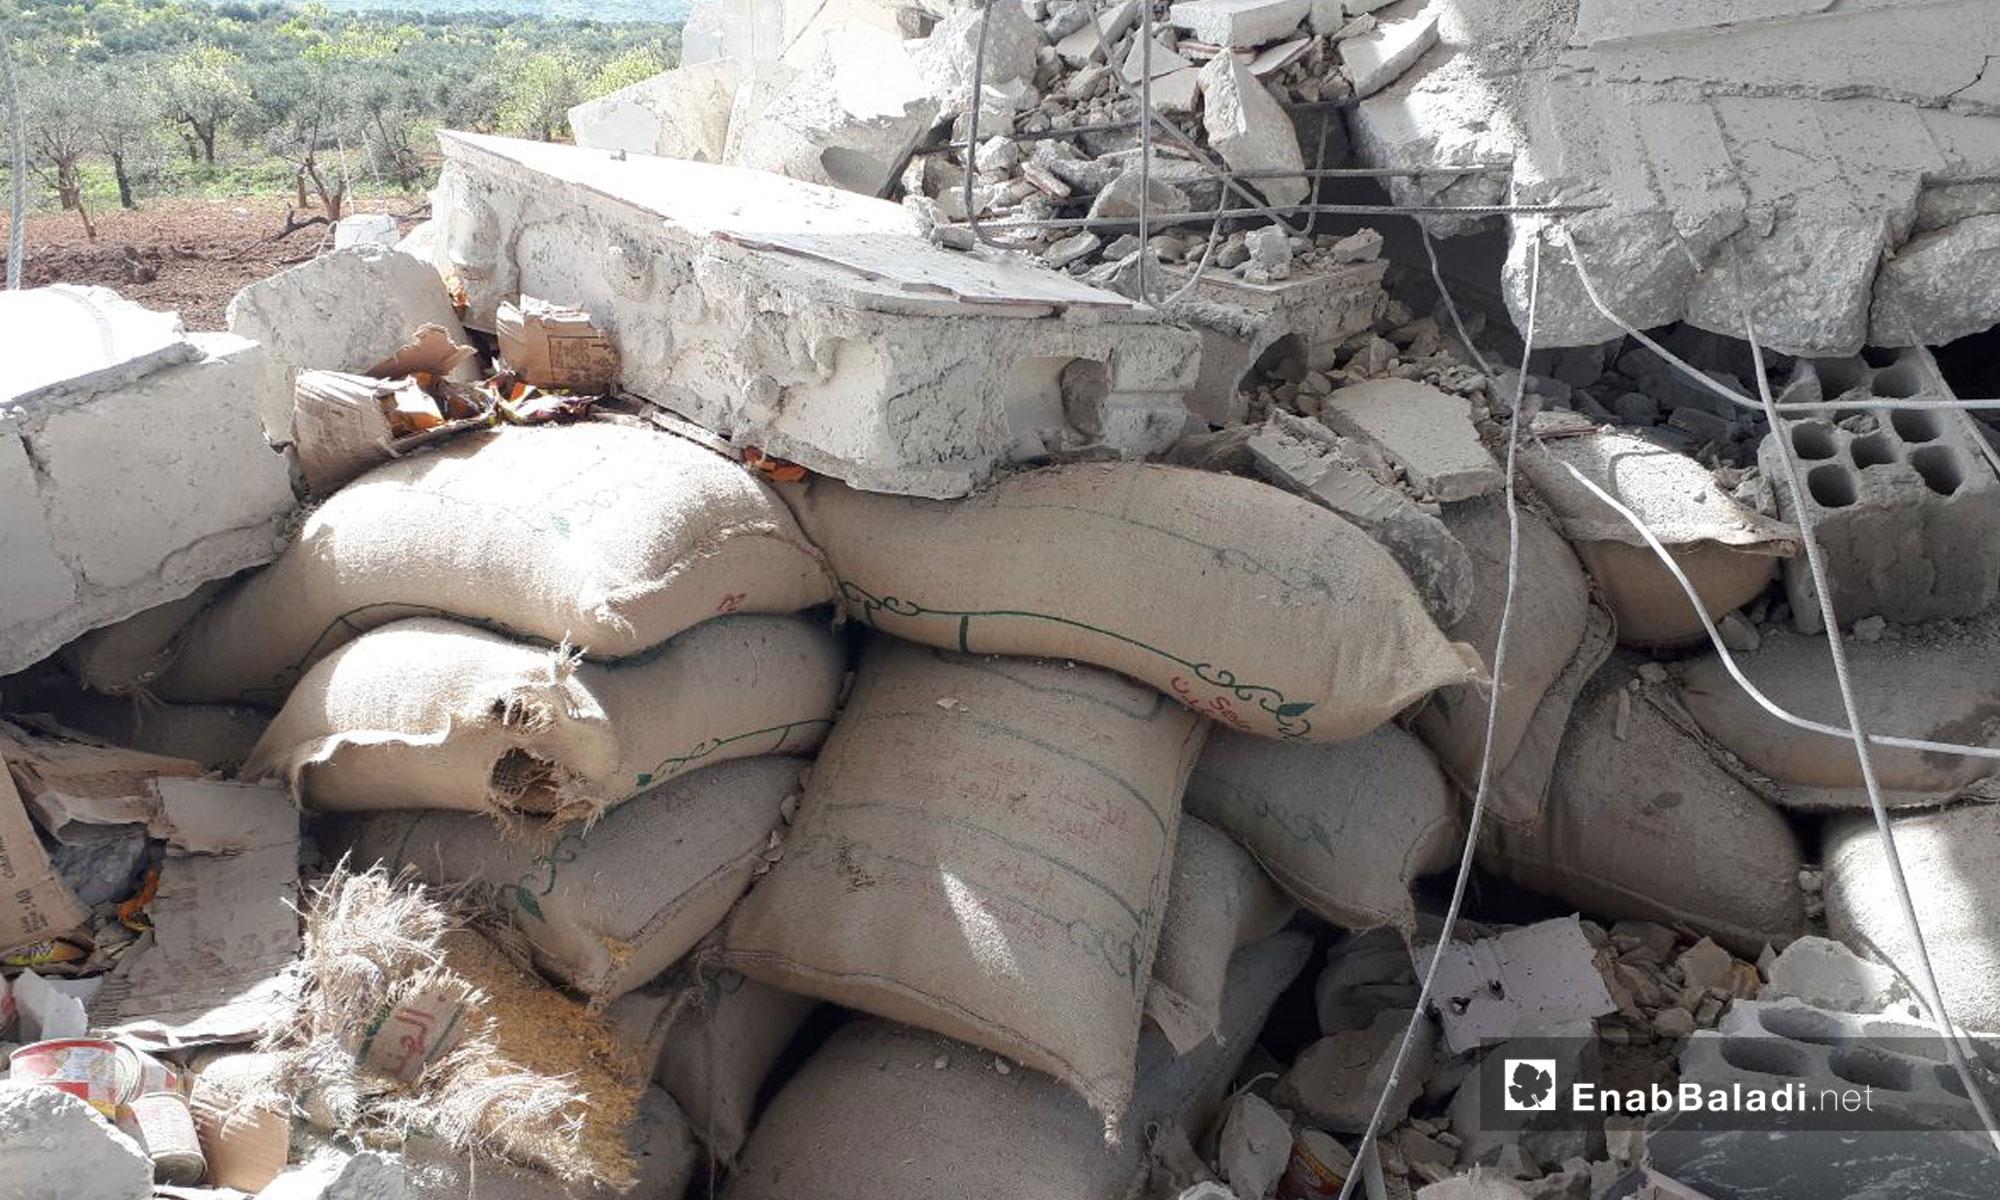 أثار قصف الطيران الروسي على بلدة أورم الجوز جنوبي إدلب 14 نيسان 2019 (عنب بلدي)